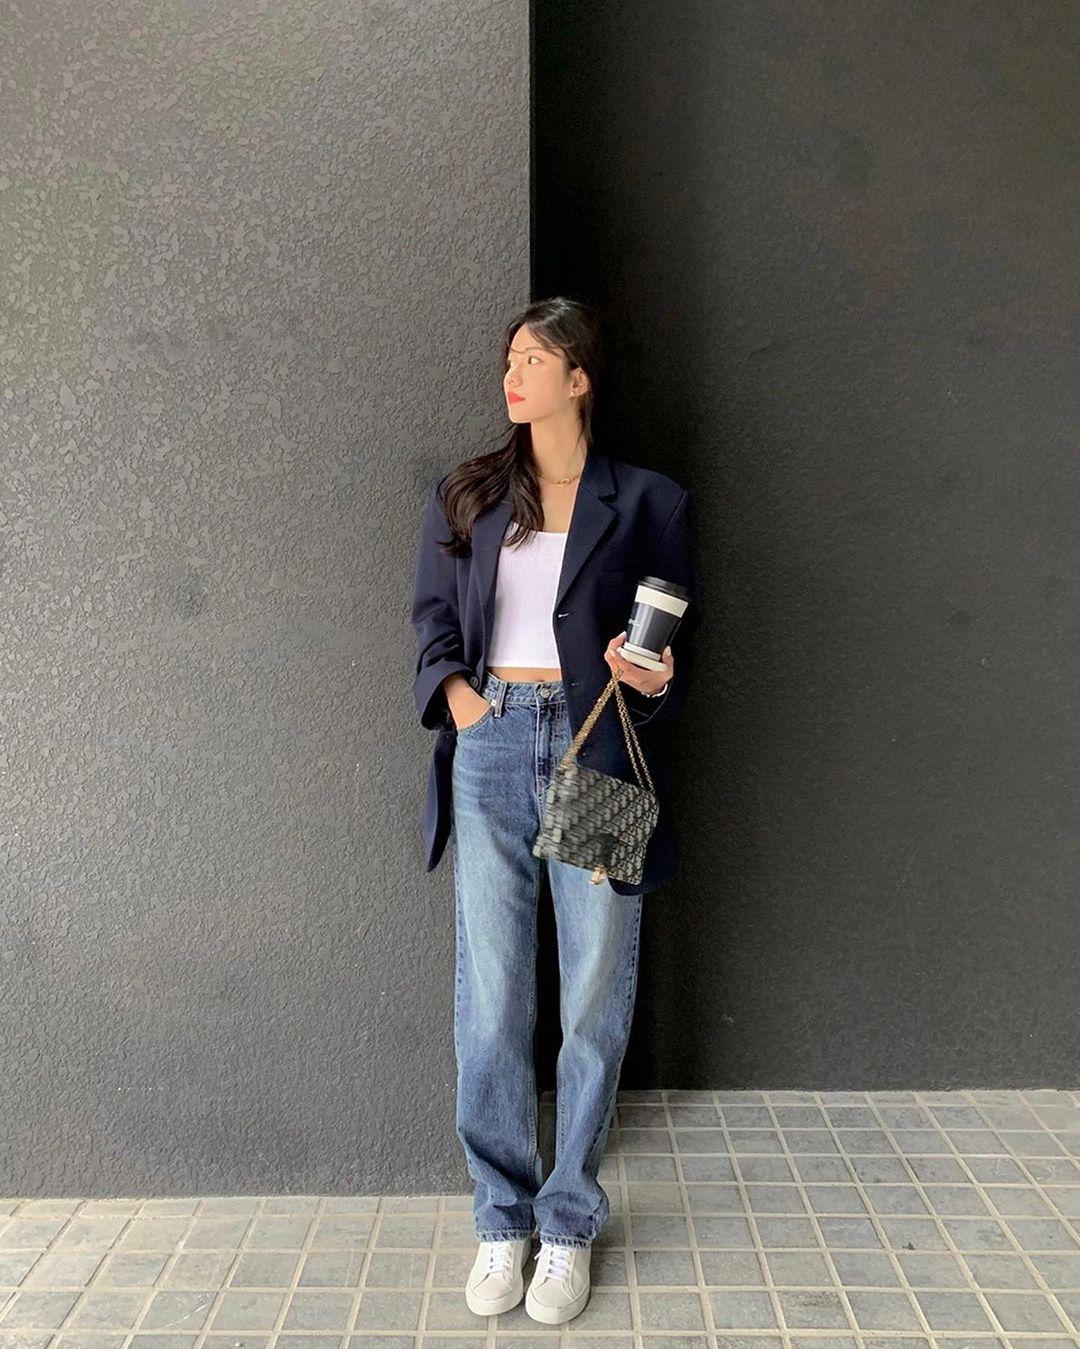 """Học nàng blogger Hàn cách diện jeans """"đỉnh của chóp"""": Vừa hack dáng vừa thanh lịch để đến sở làm - Ảnh 5"""